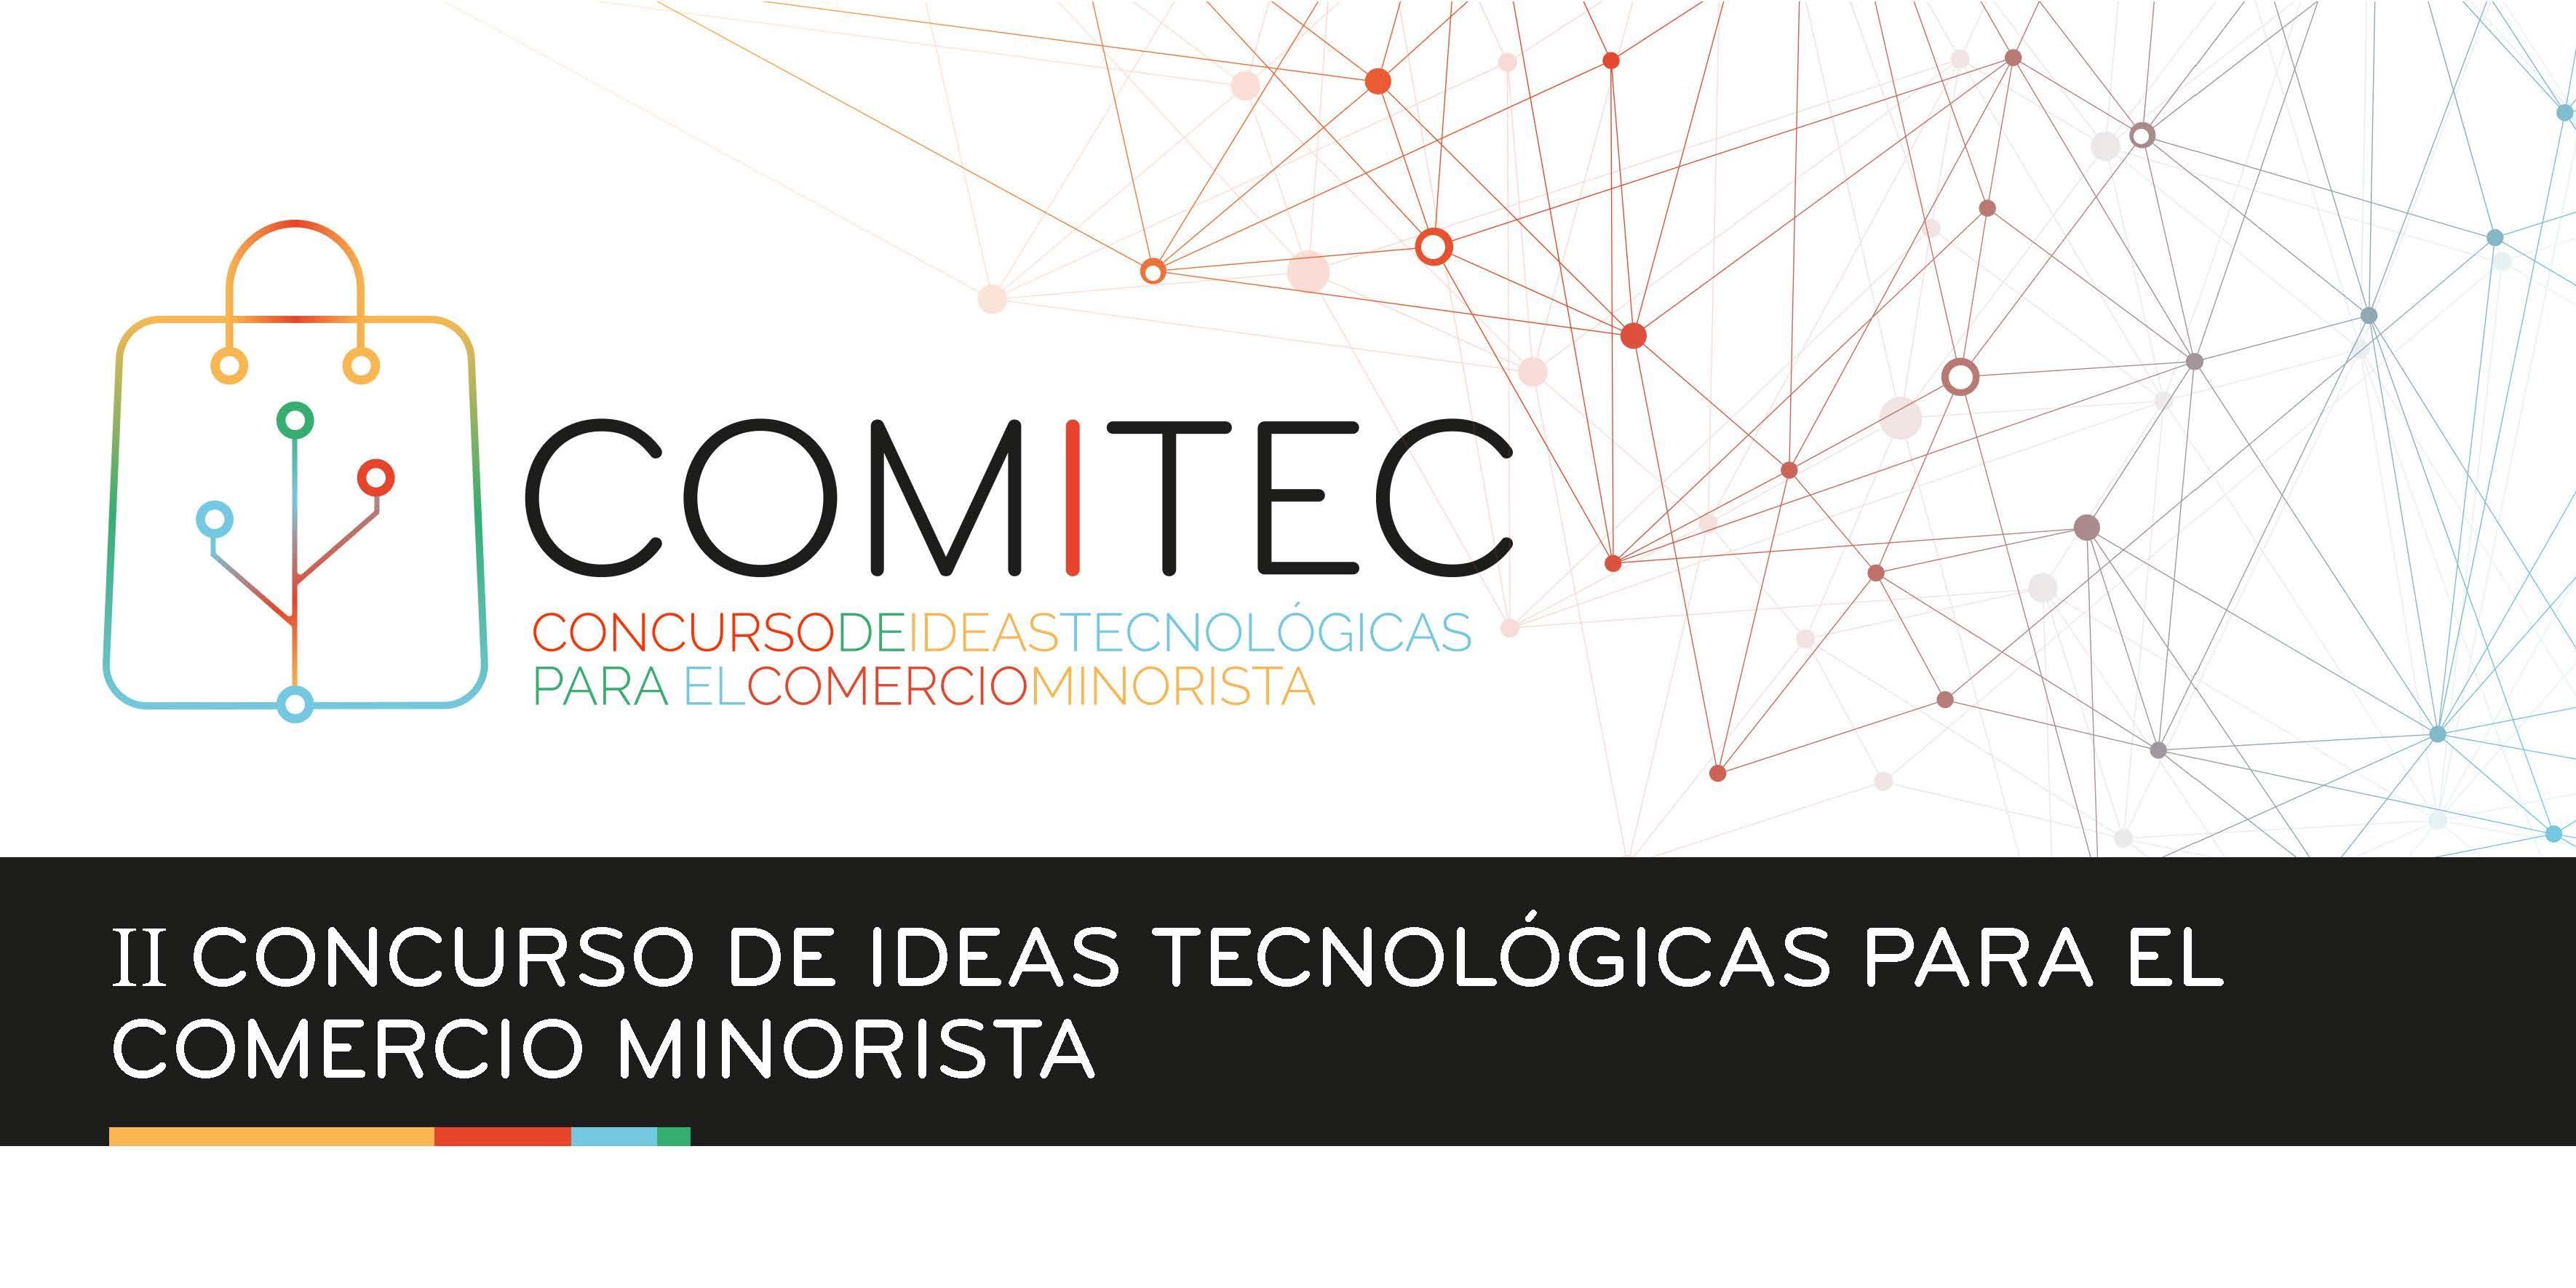 II Concurso de Ideas Tecnológicas para el Comercio Minorista